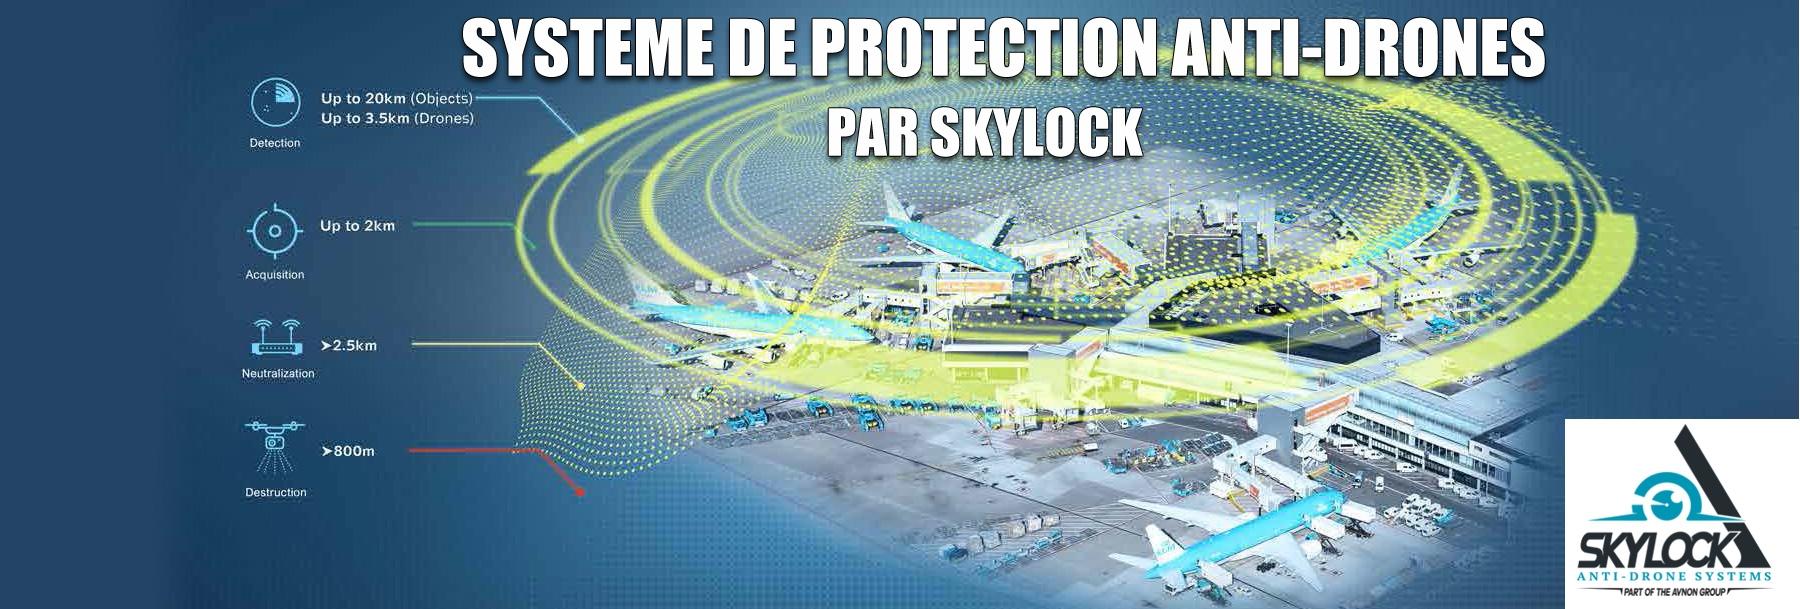 Skylock - Système anti drone